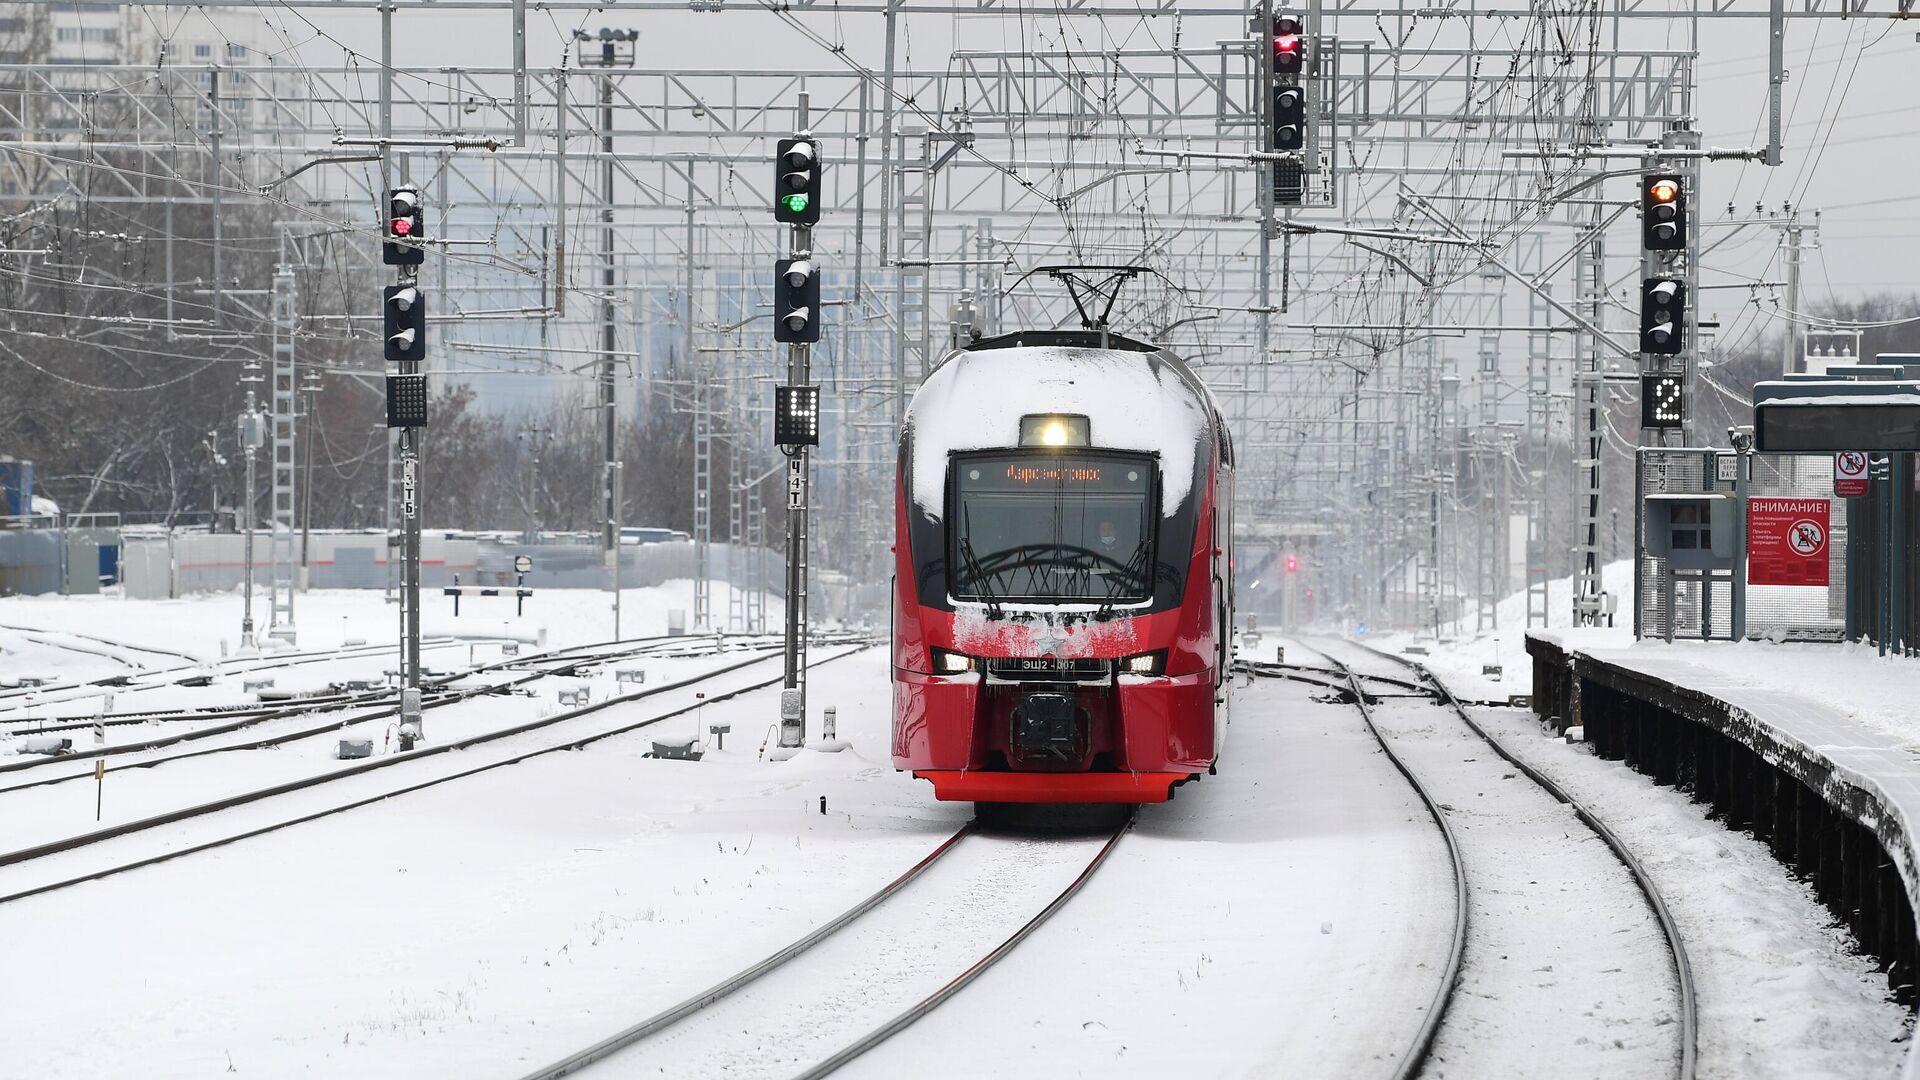 Поезд на станции - РИА Новости, 1920, 23.03.2021